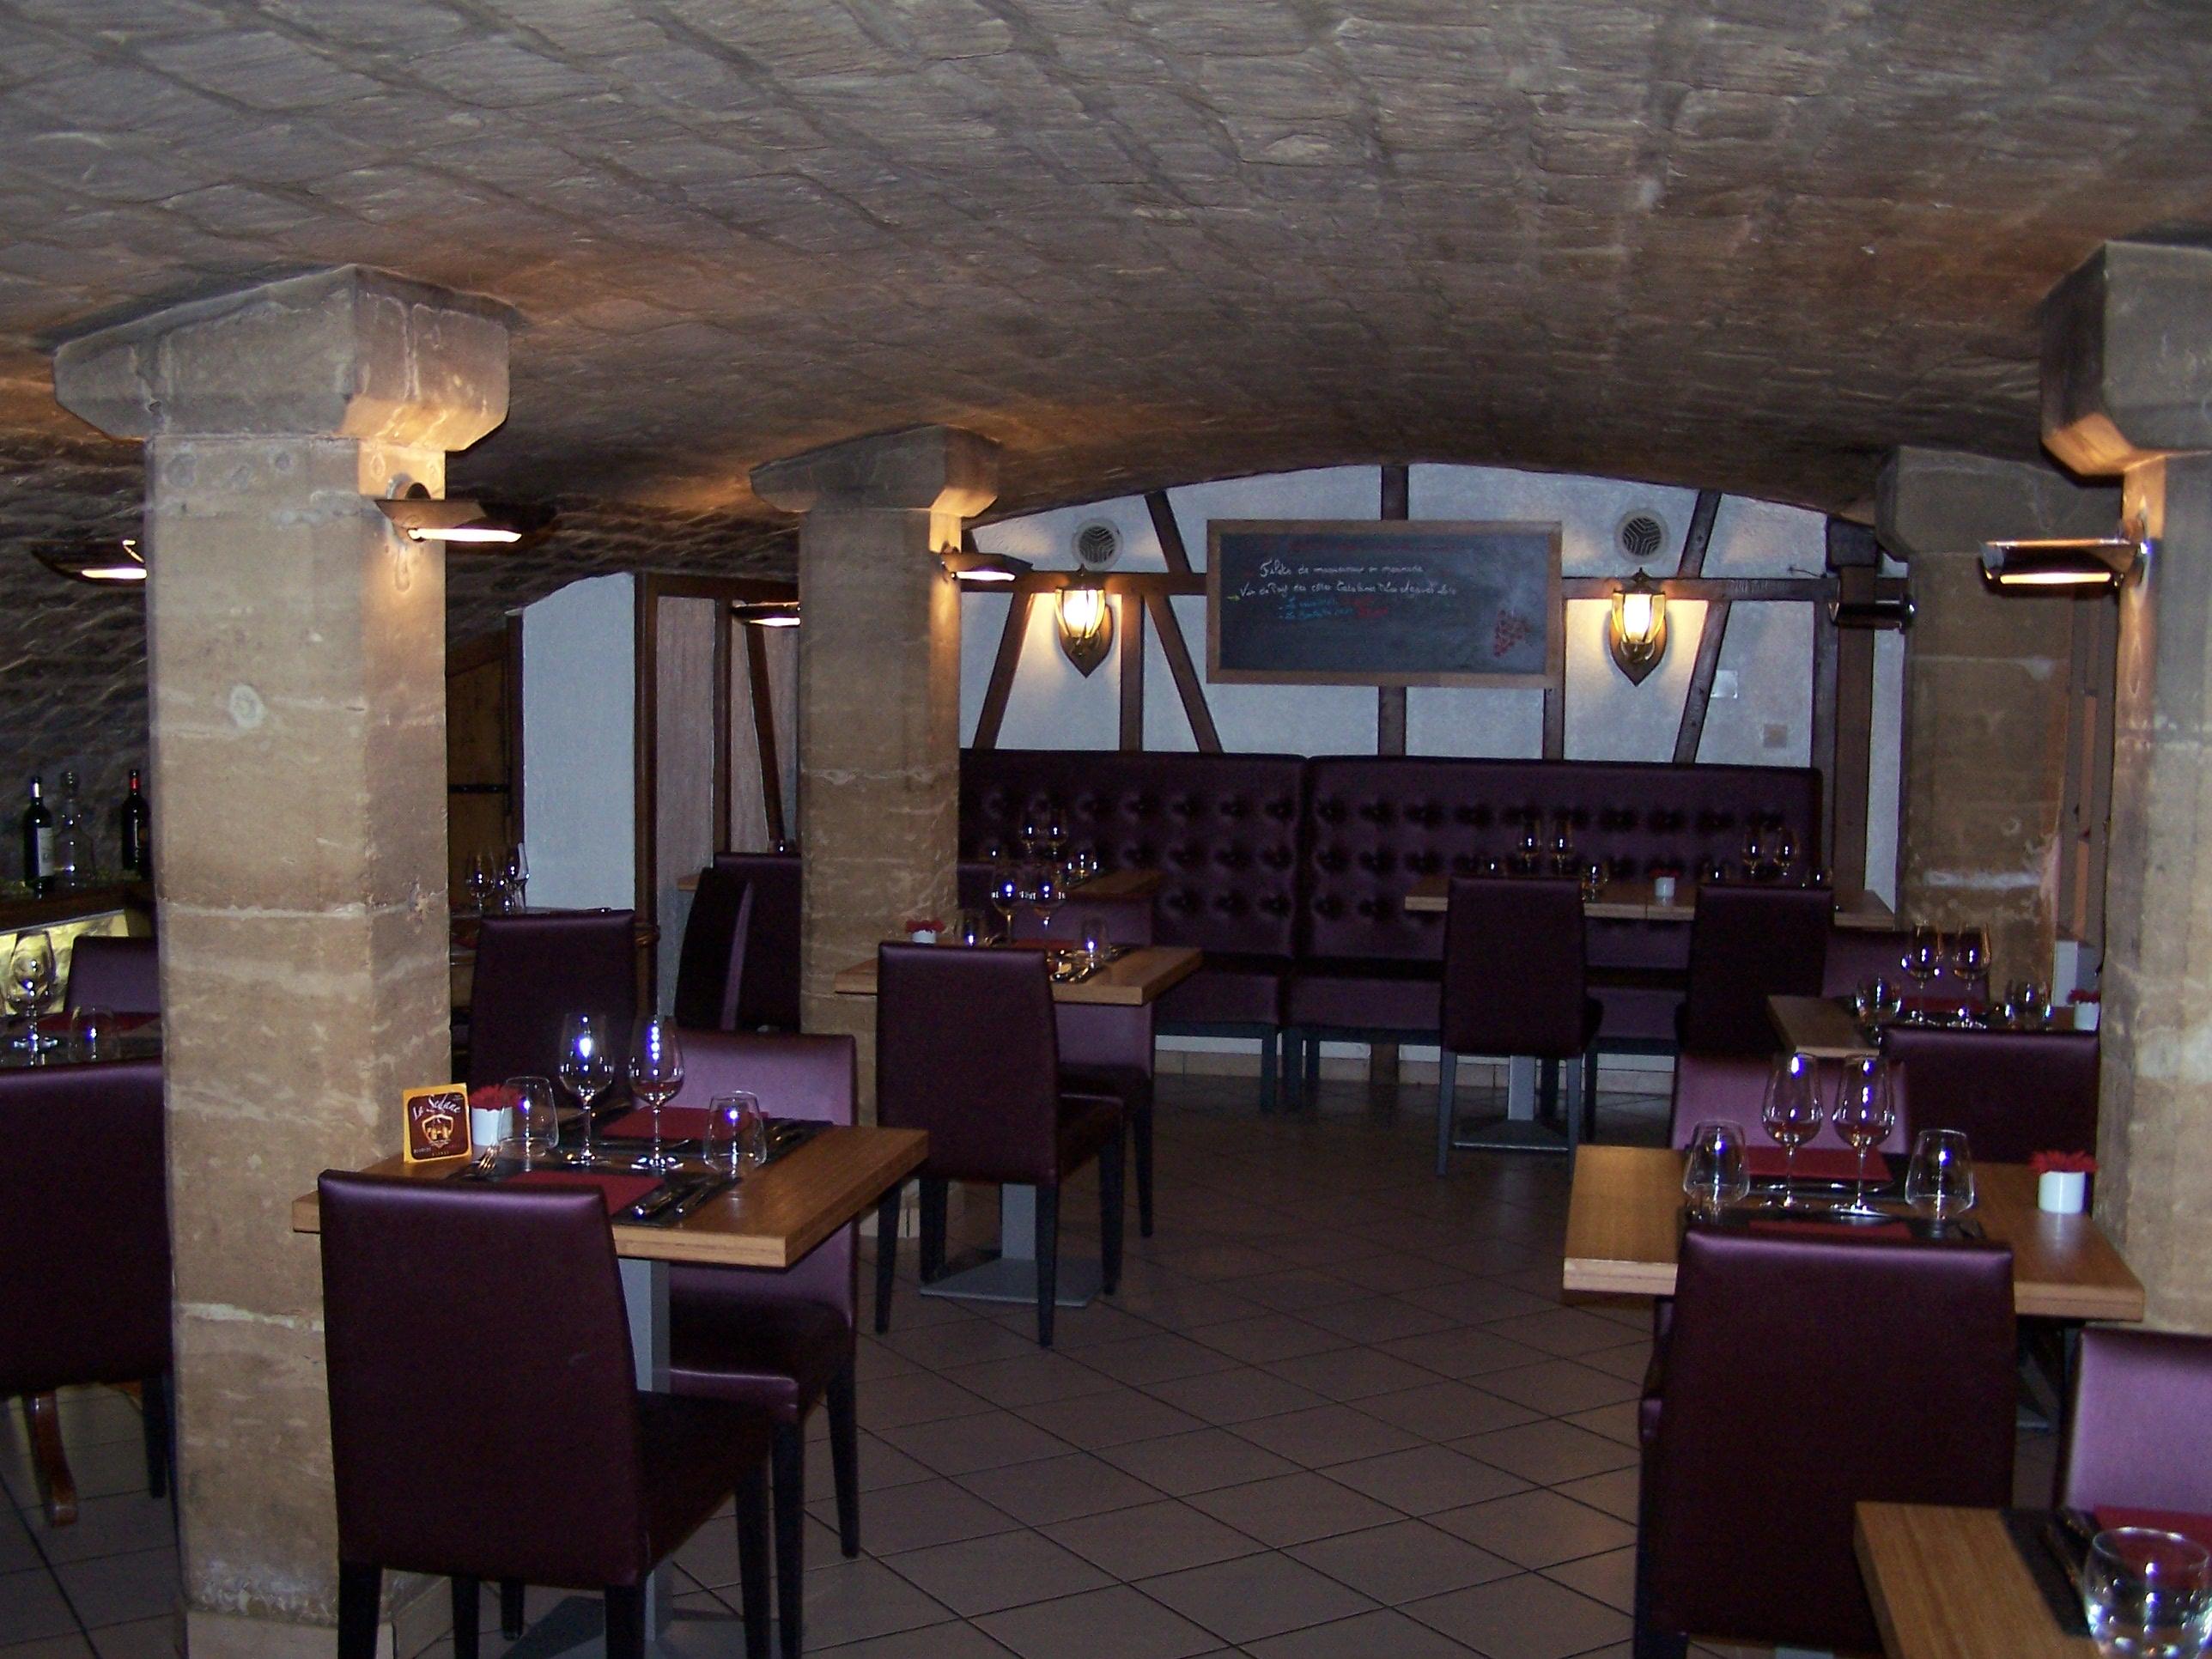 La table d 39 arthur restaurant fran aise charleville - Restaurant la table d arthur charleville ...